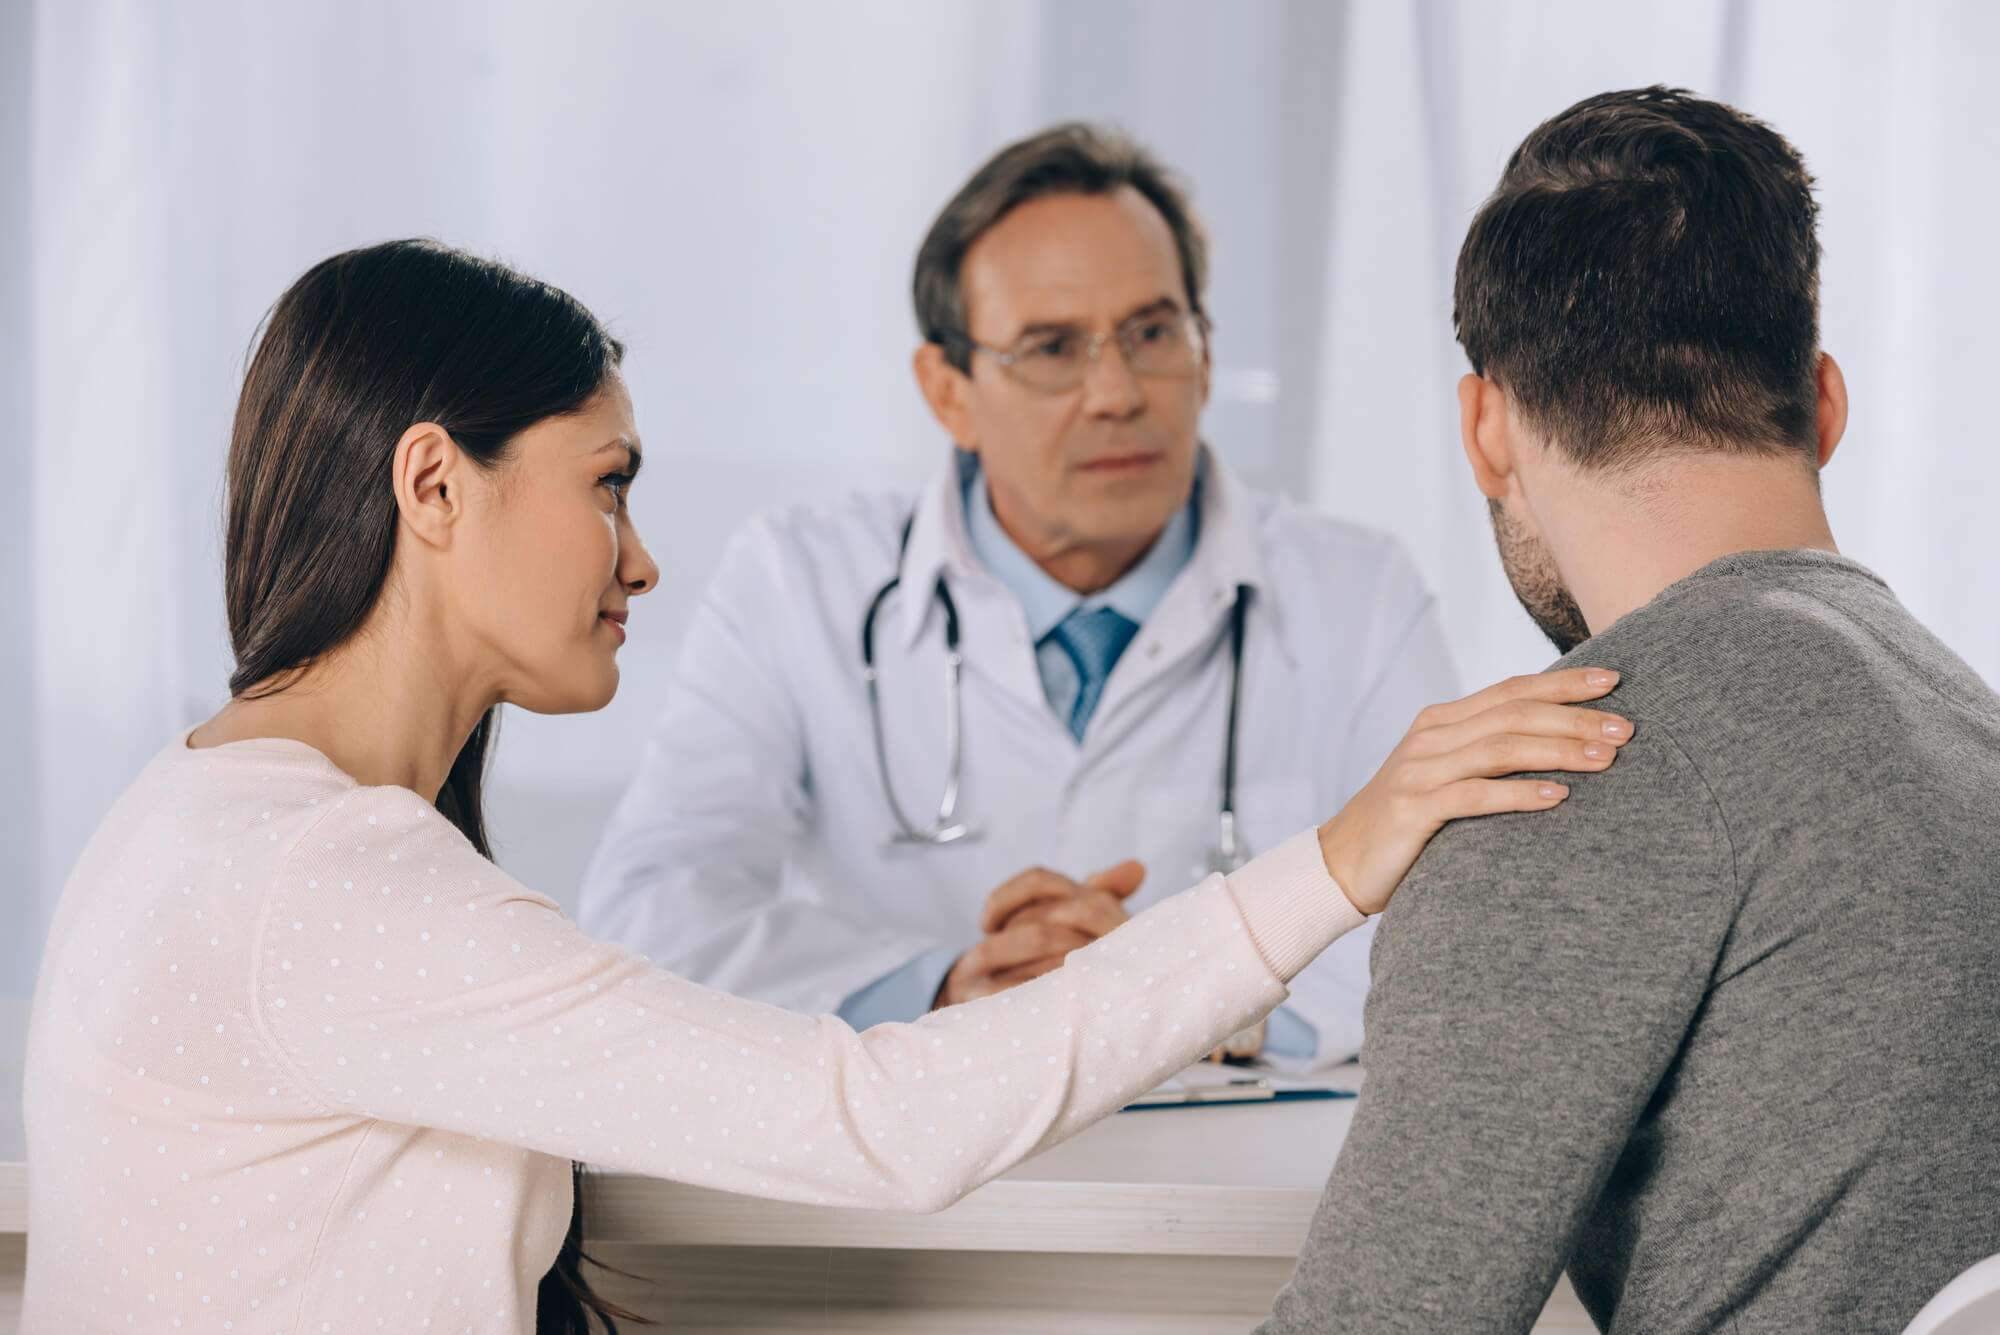 Espermograma alterado pode engravidar? Tire aqui as suas dúvidas!